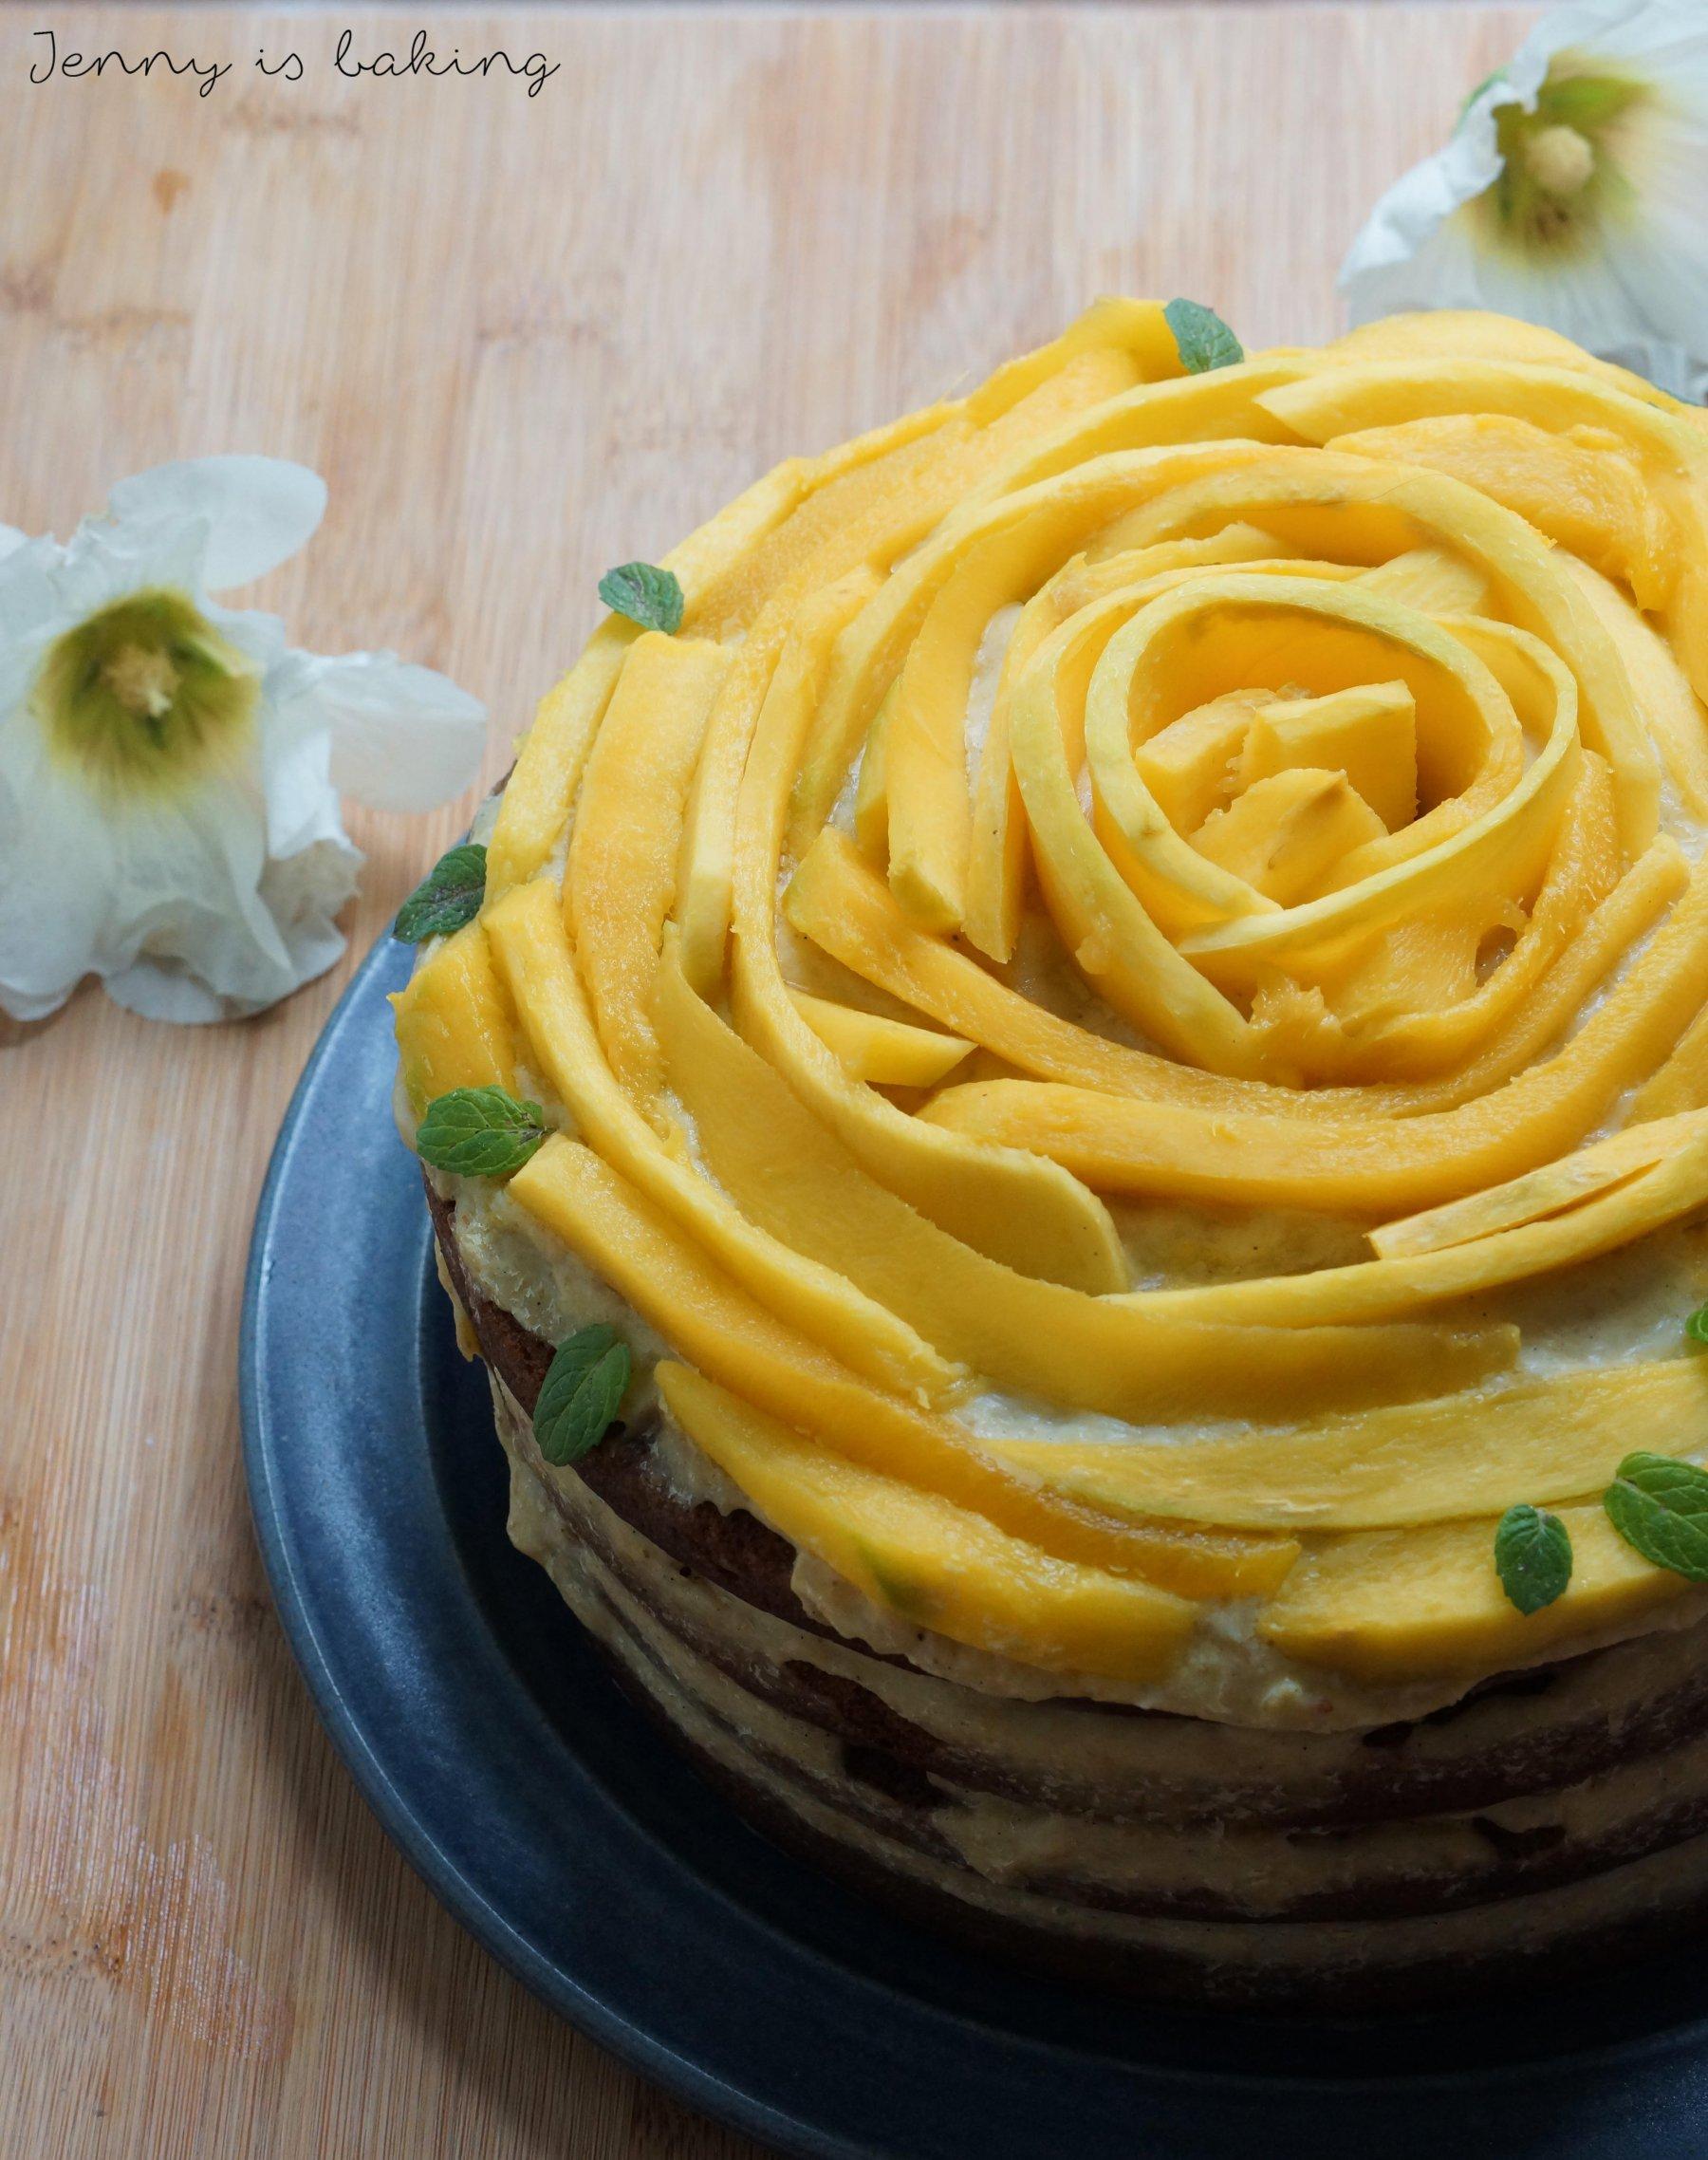 veganer Schokoladenkuchen mit Mangocremfuellung